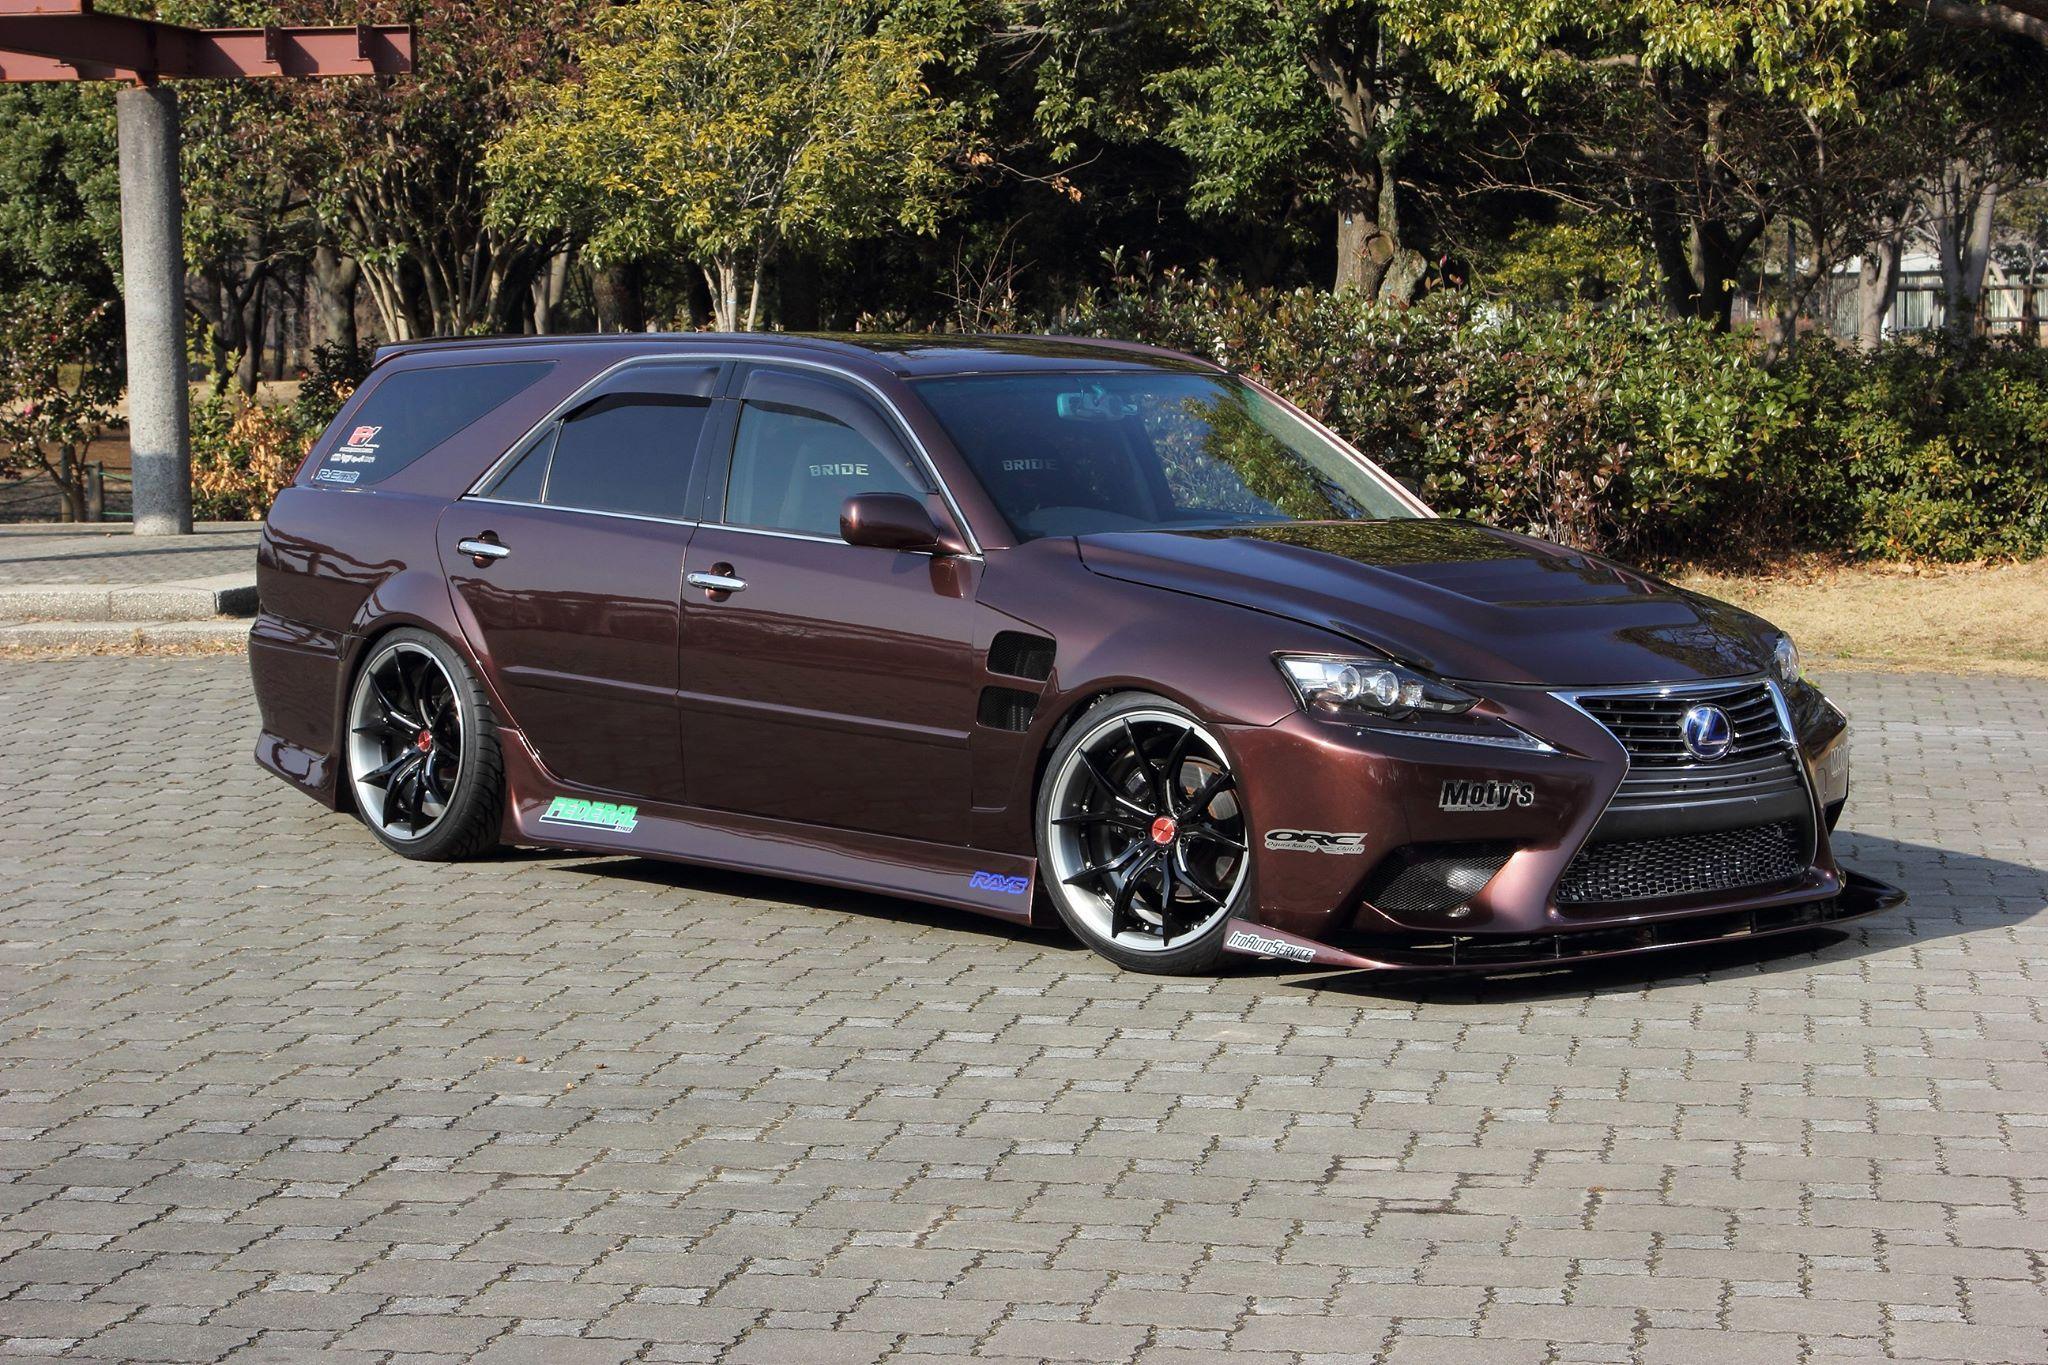 JZX110 Verossa #jdm #jzxworld #jzx110 Http://www.jzx100.com/forum/ | Cars |  Pinterest | Jdm, Toyota And Cars